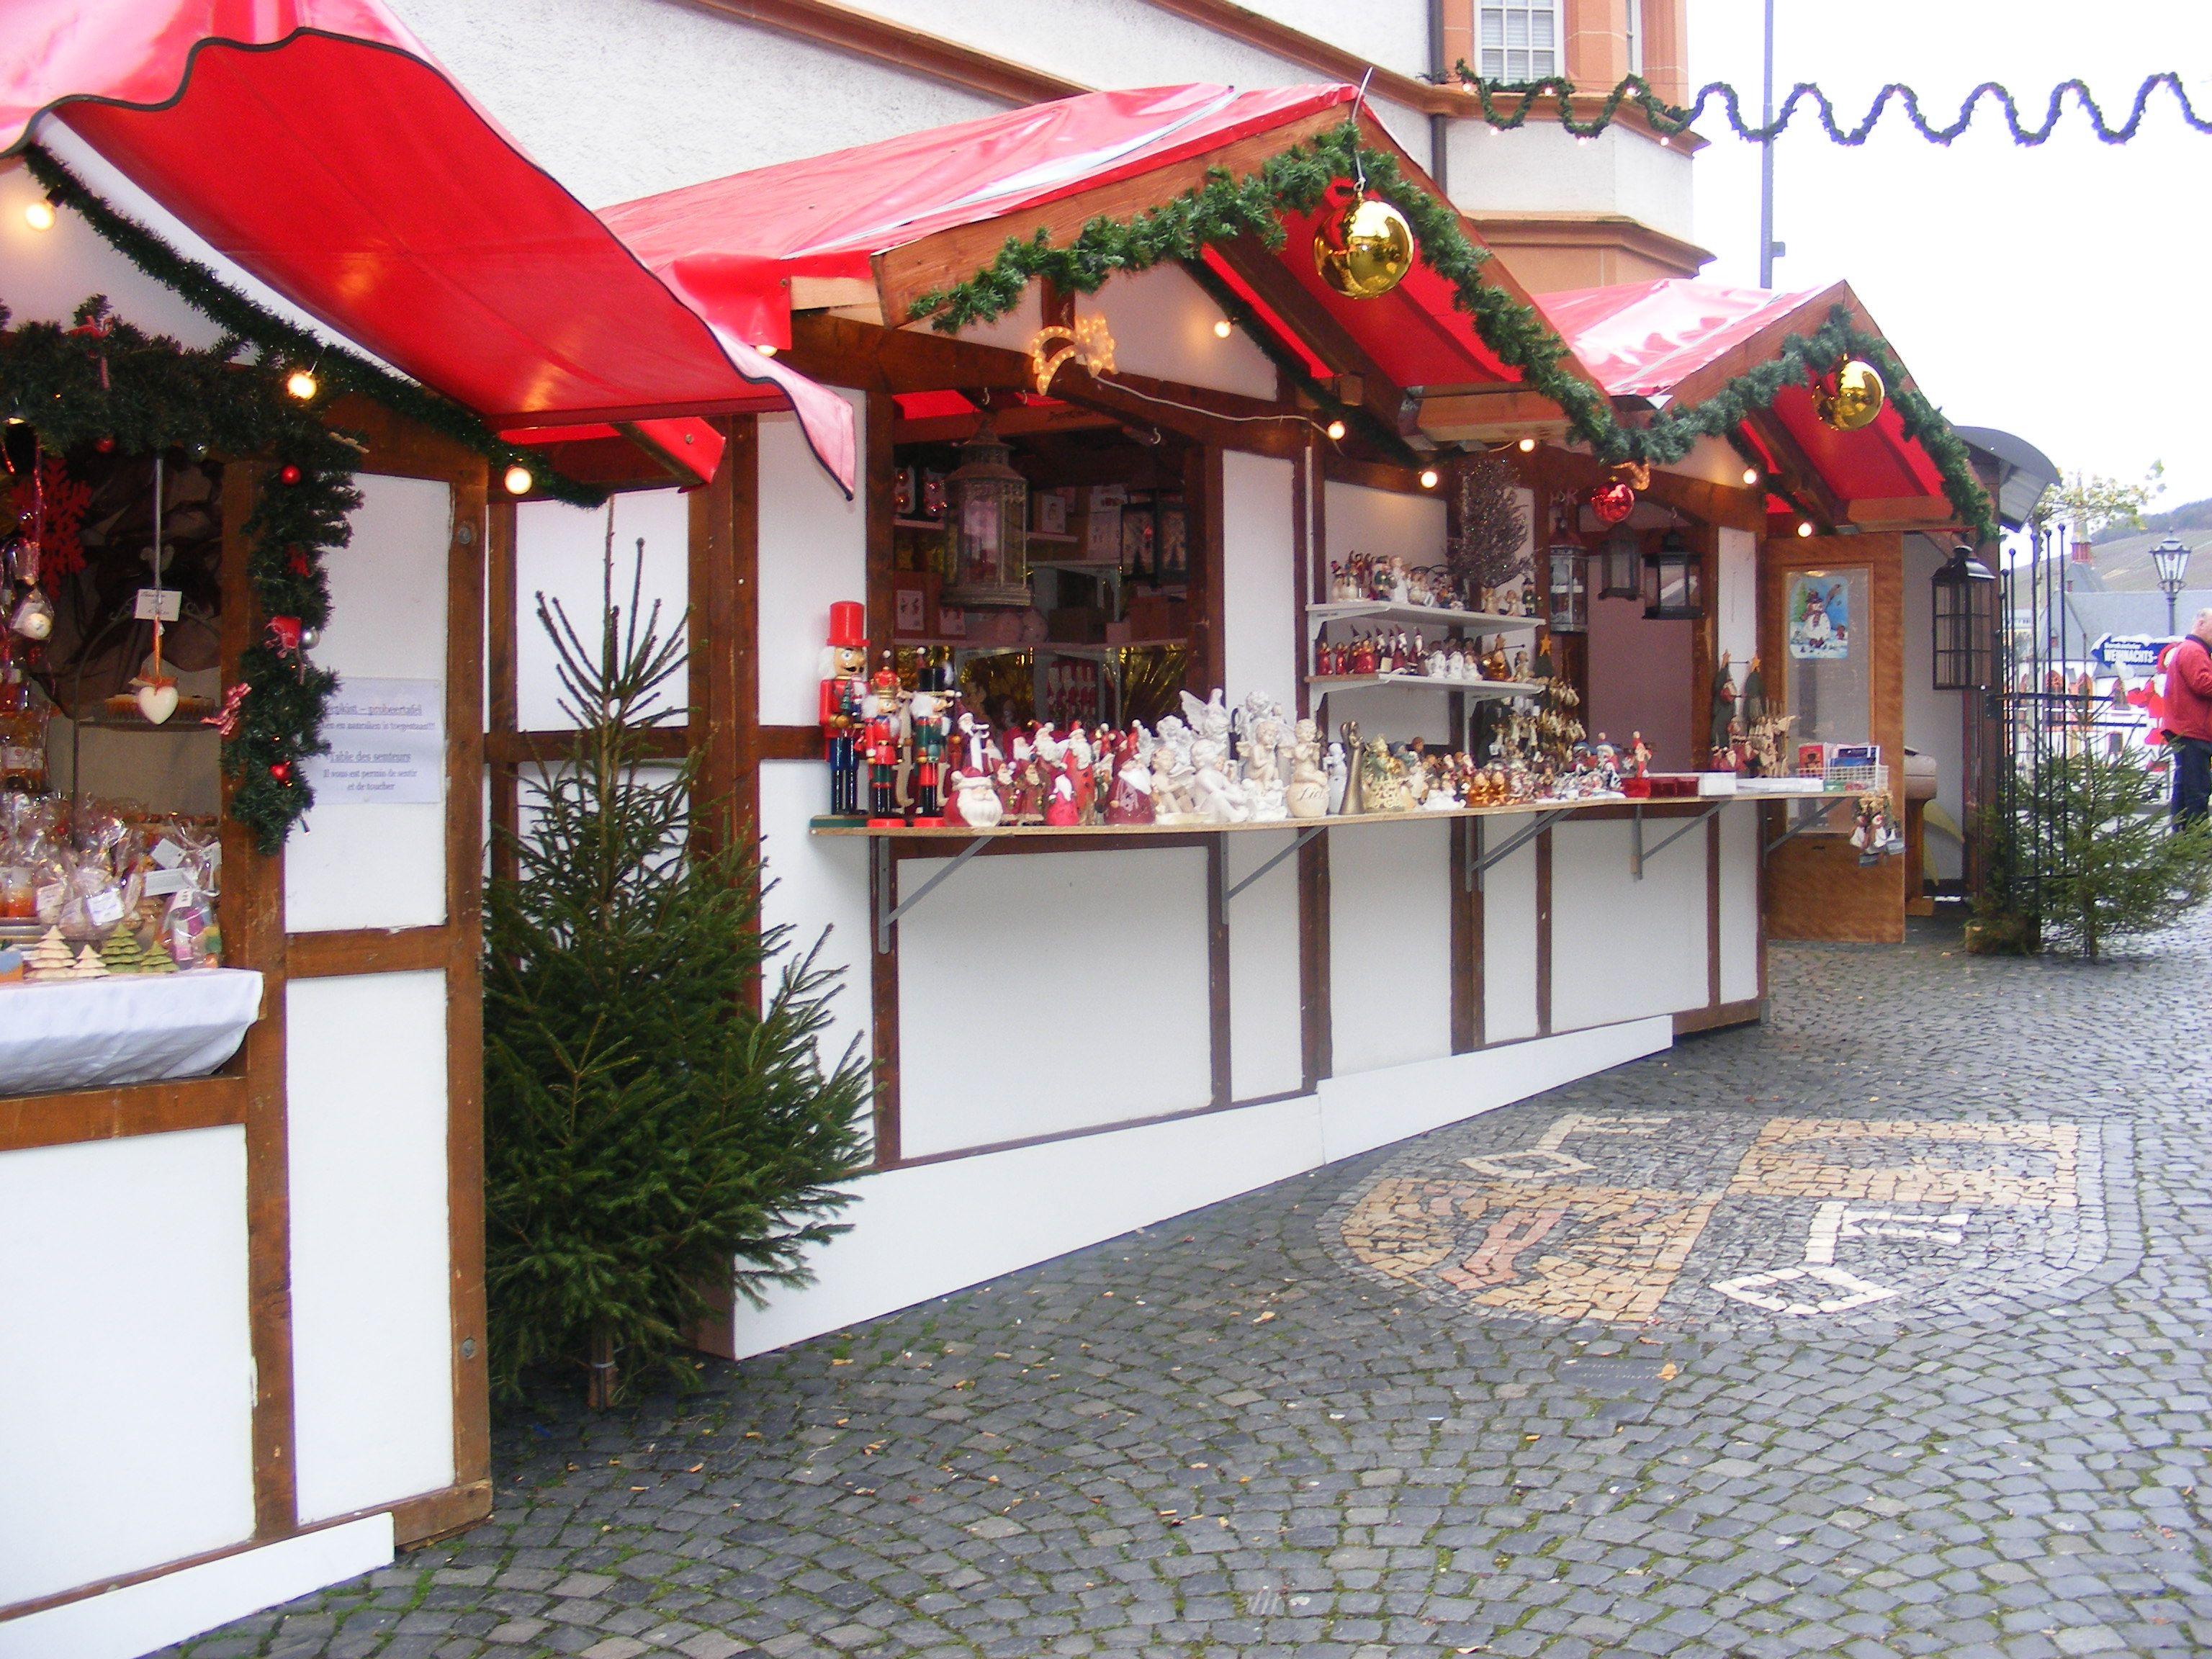 Weihnachtsmarkt. Bernkastel